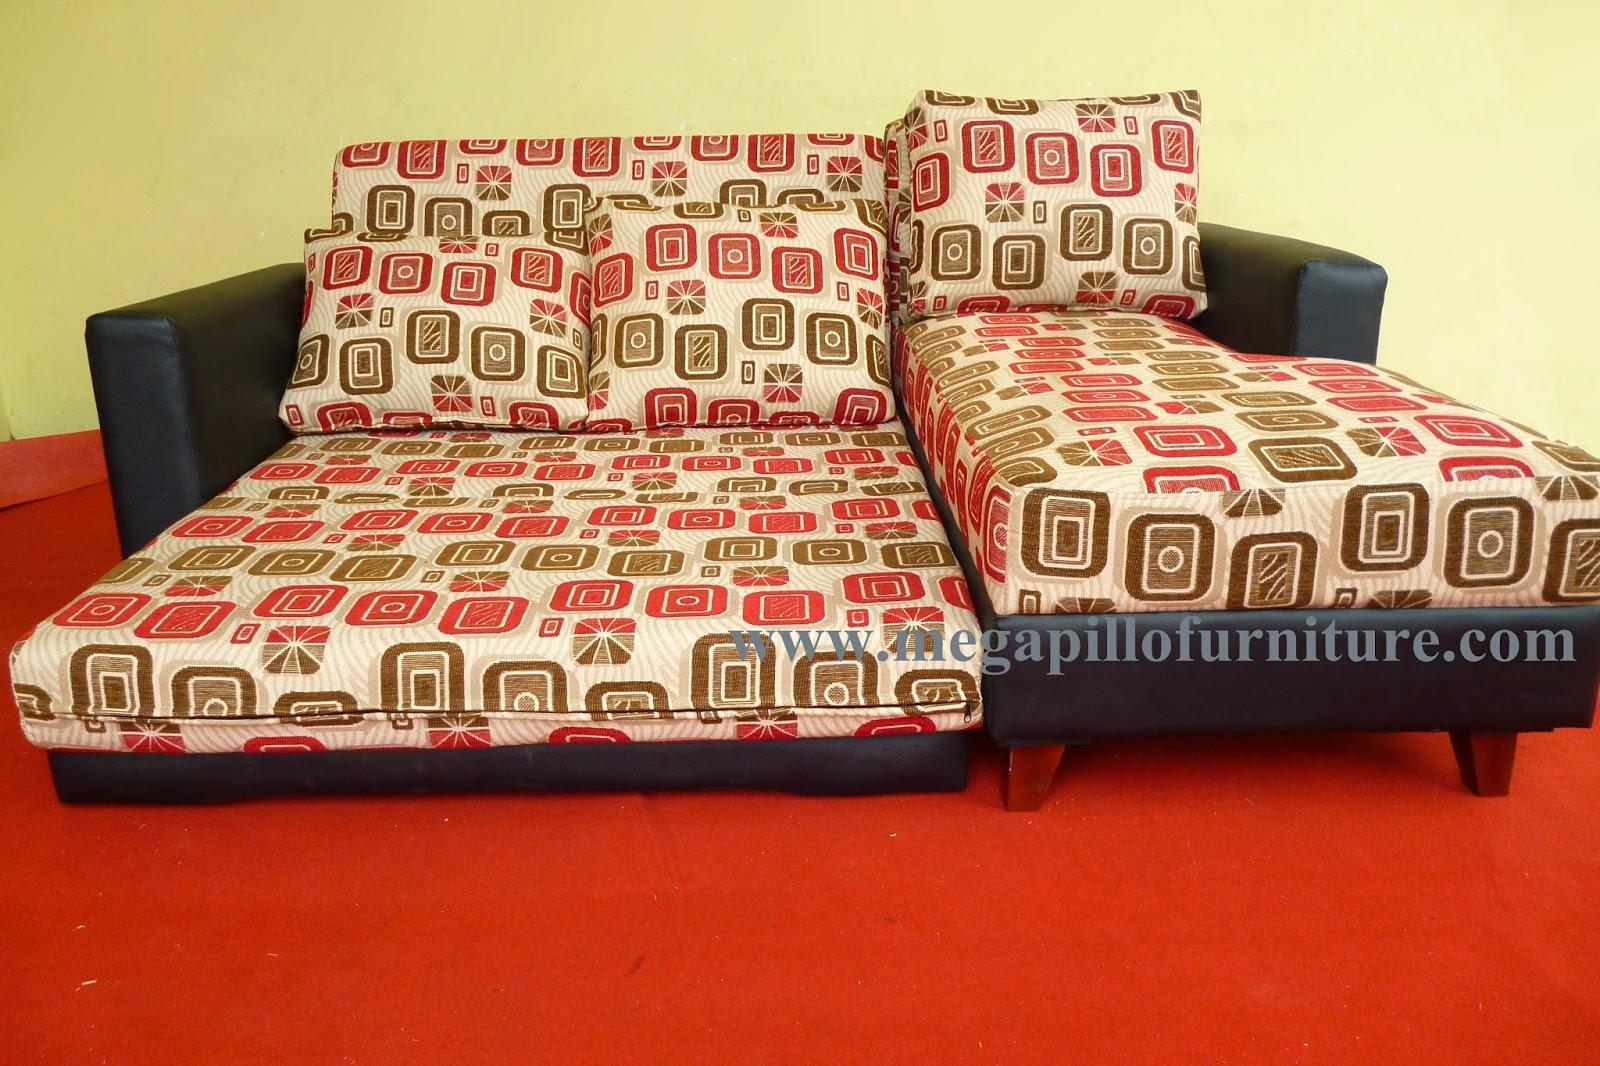 Sofa Bed Lipat Selonjor Aon Klik Gambar Untuk Memperbesar